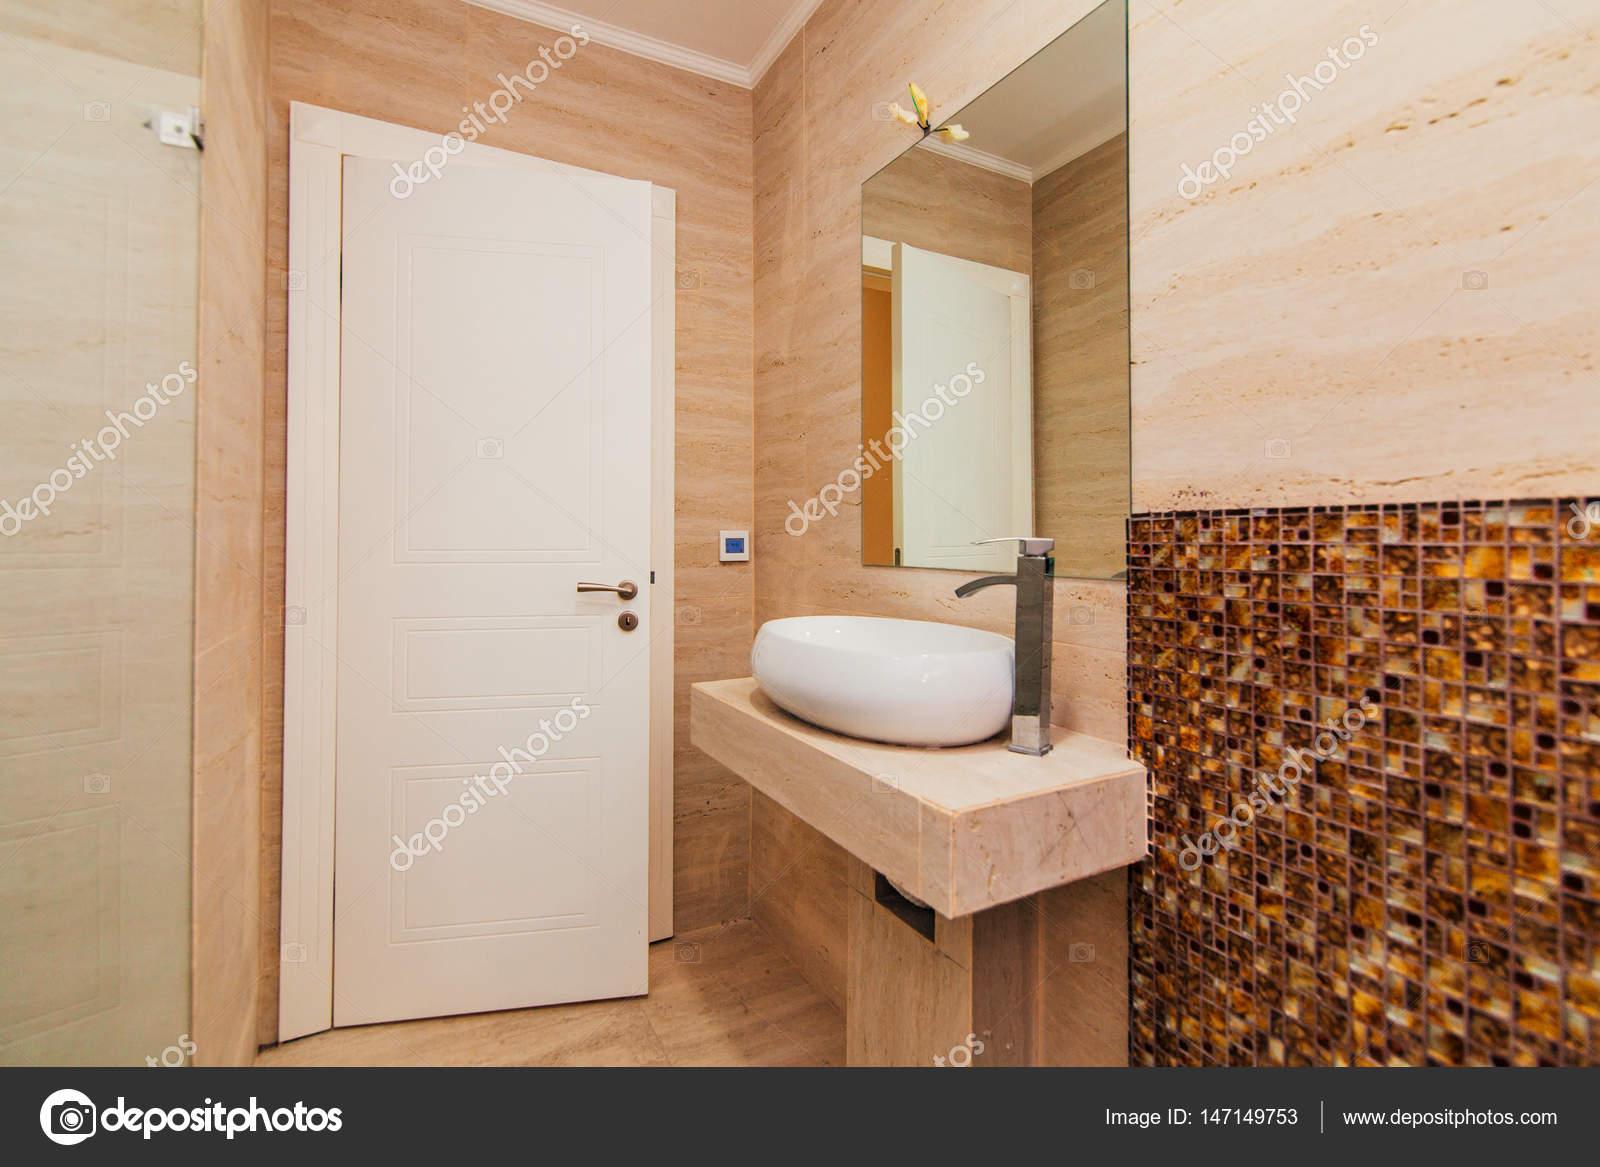 Waschbecken im Badezimmer. Sanitär im Bad. Die interio — Stockfoto ...